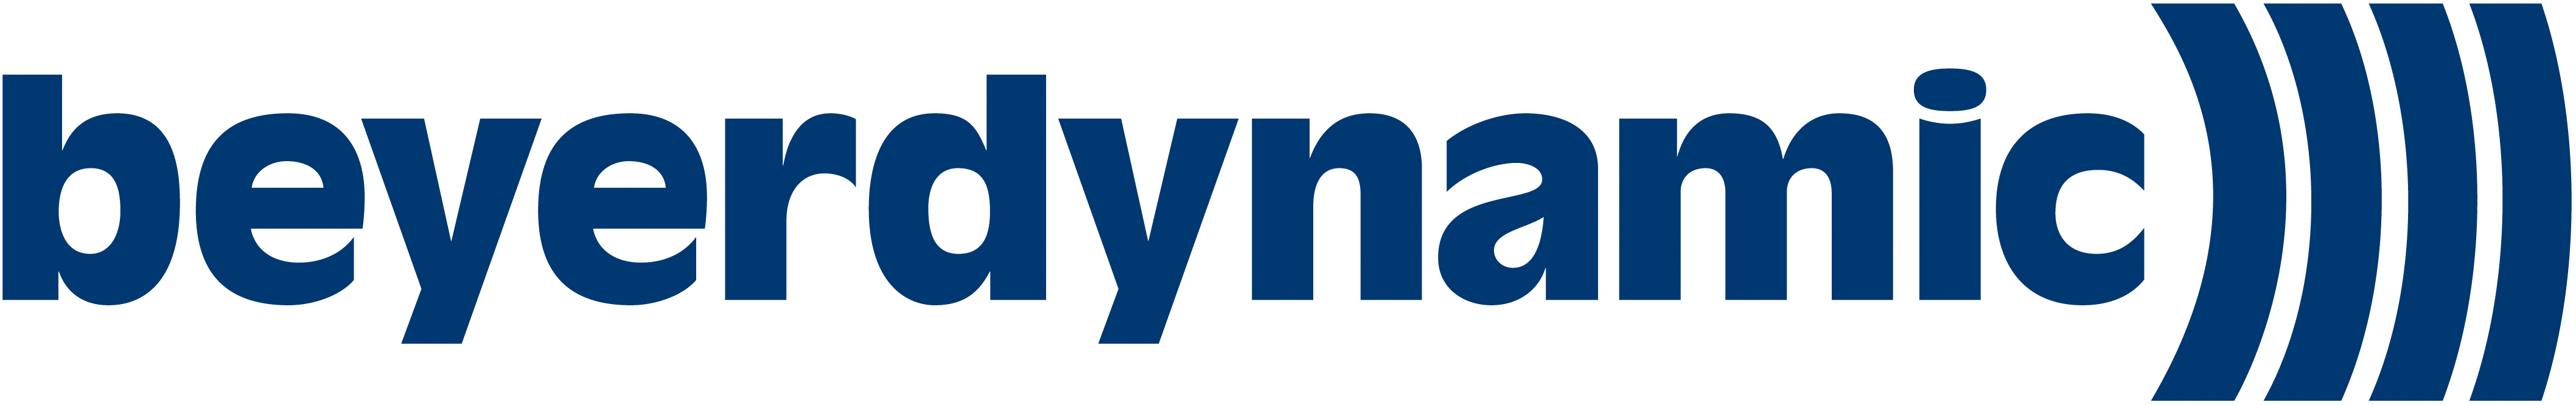 CID_beyerdynamic